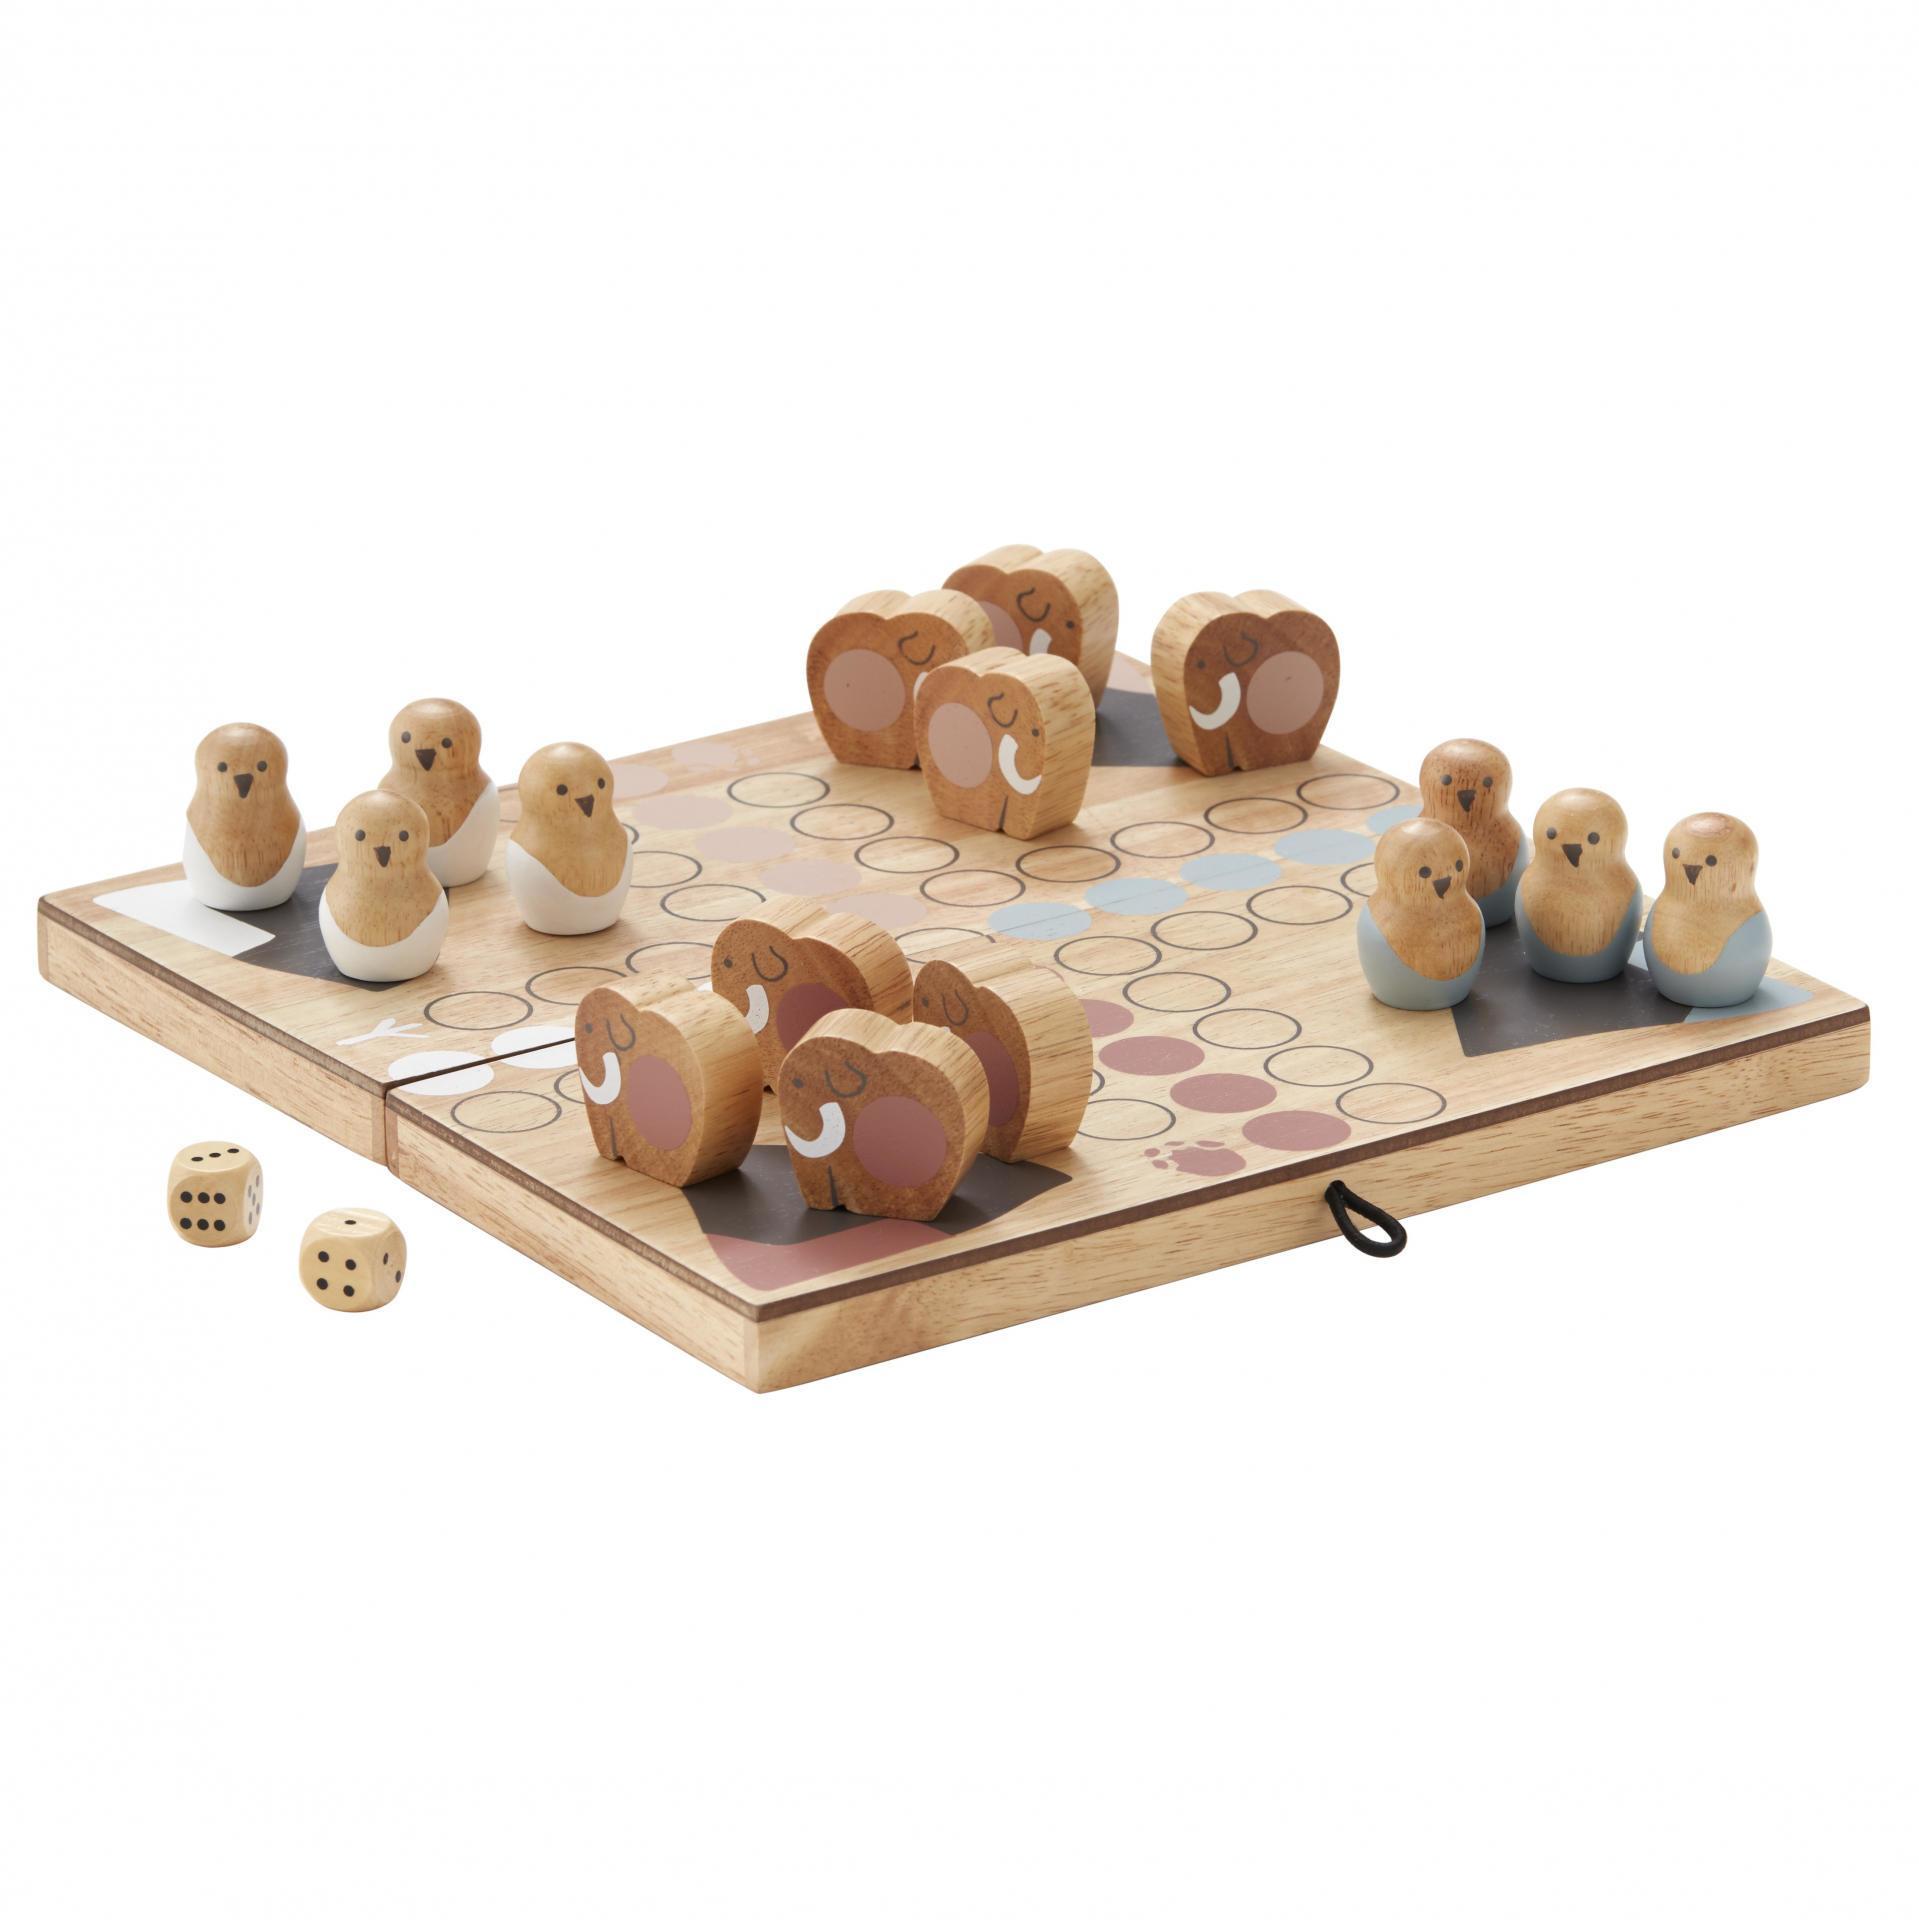 Kids Concept Dřevěná hra Člověče, nezlob se! Neo, hnědá barva, přírodní barva, dřevo